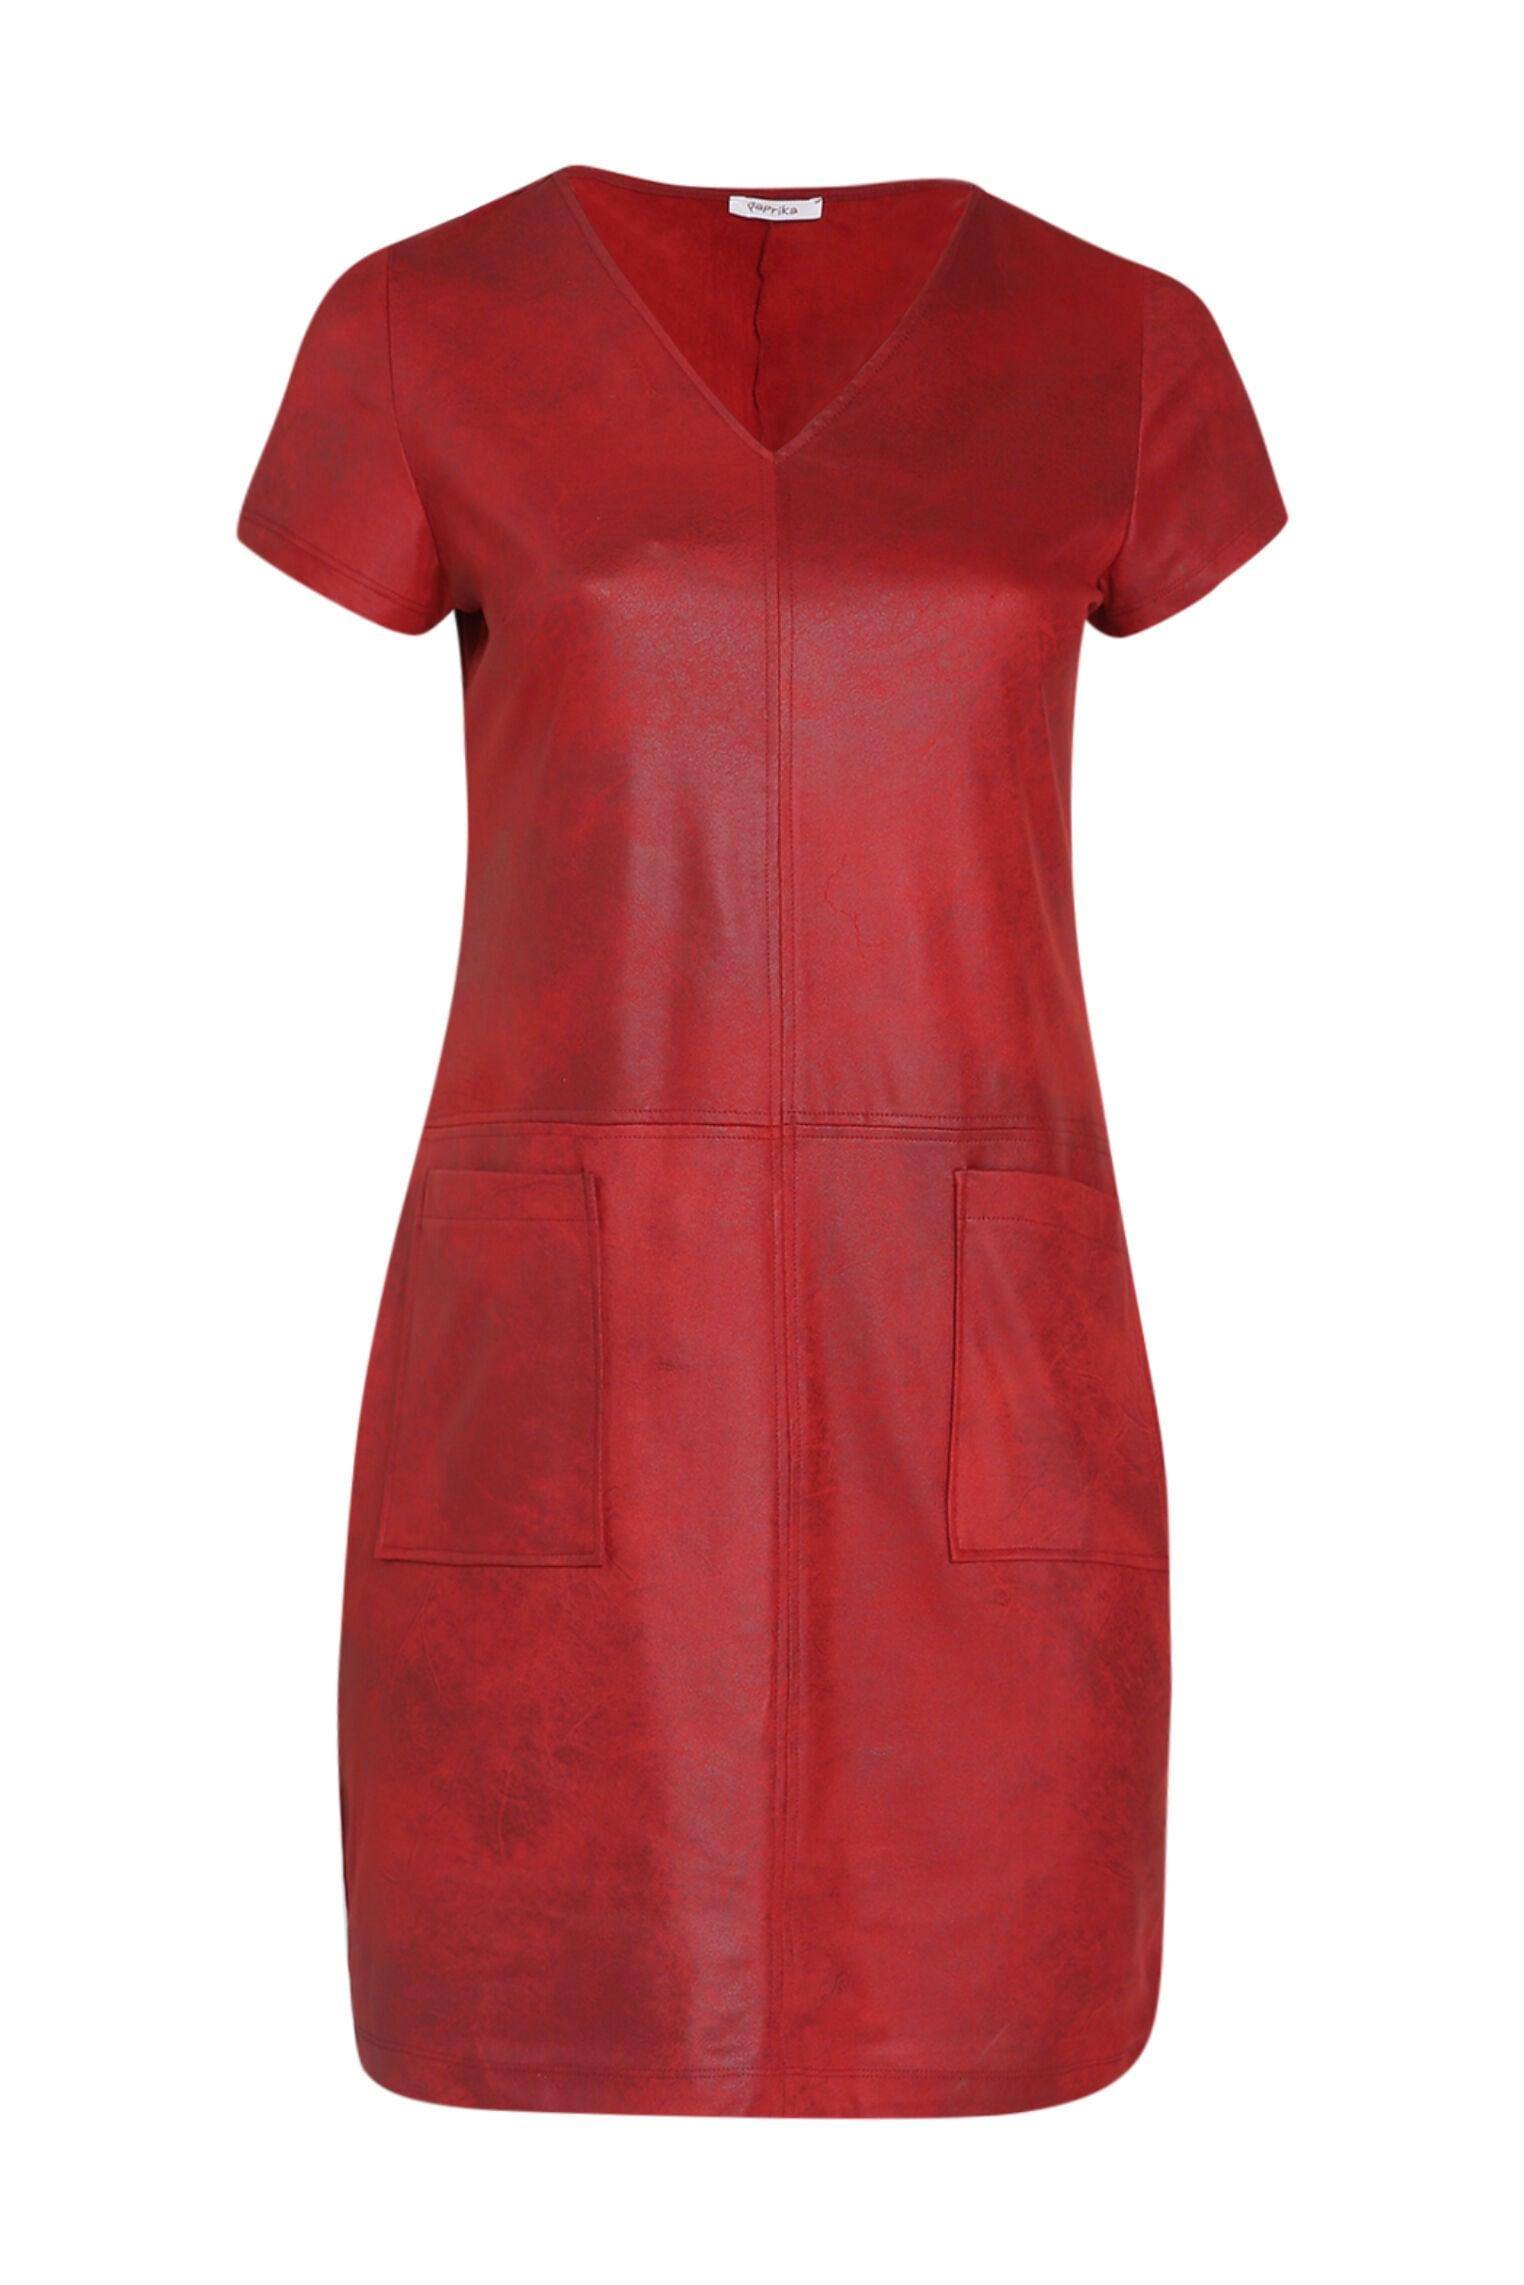 paprika -  Lederkleid Uniform